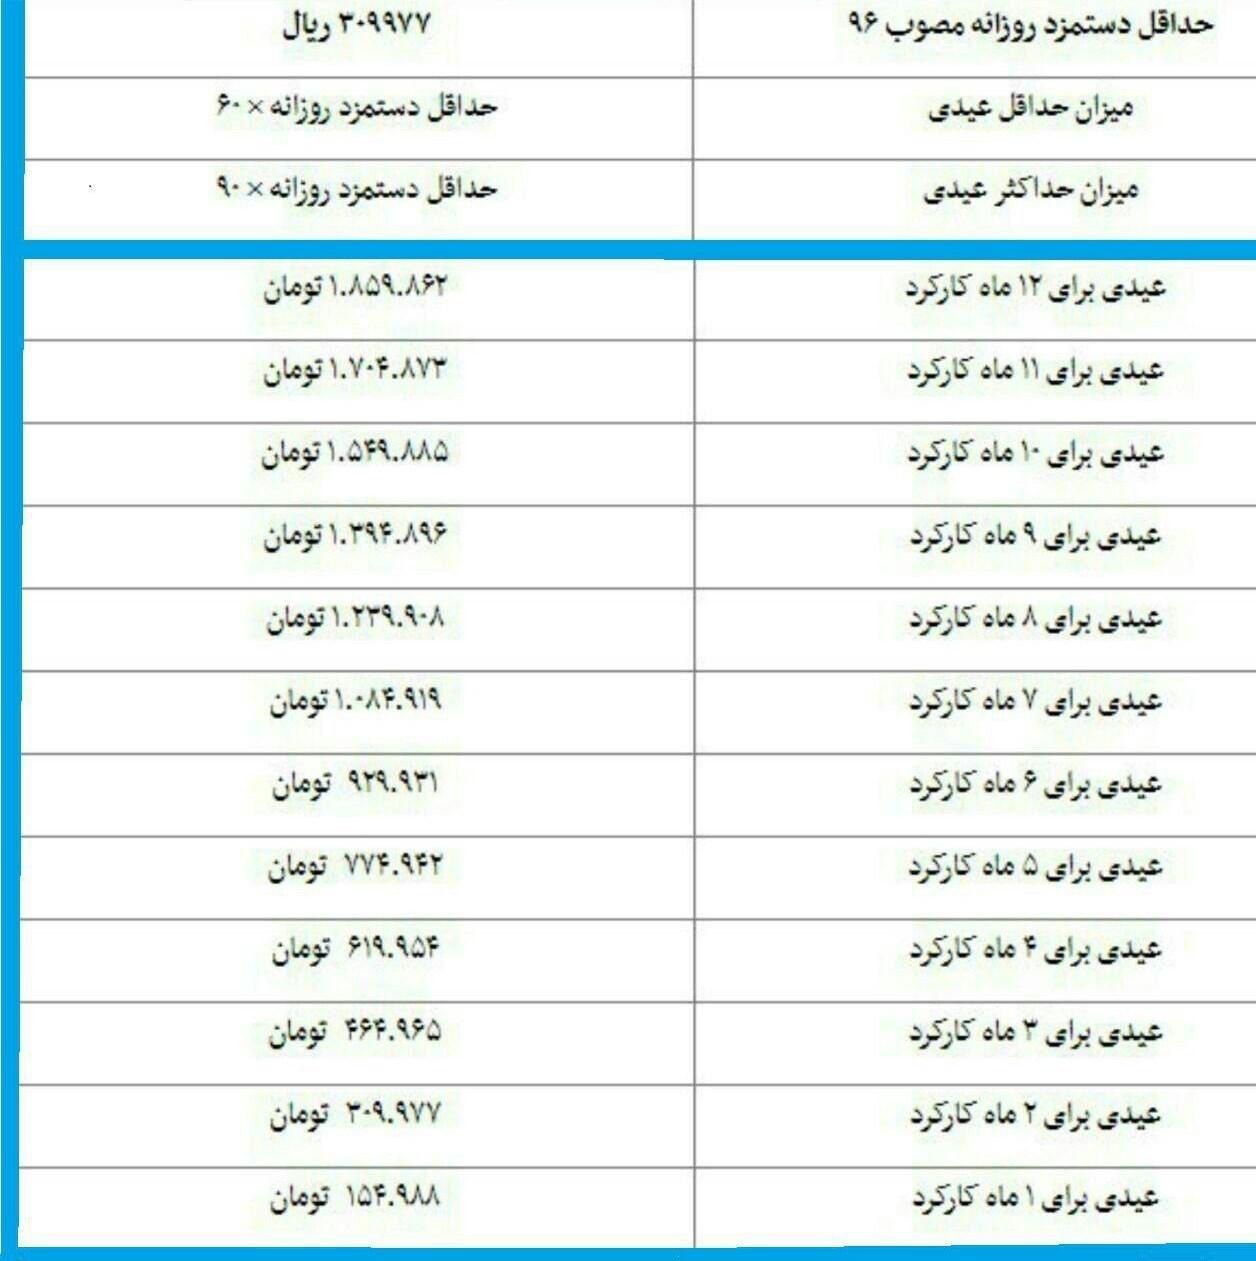 جزئیات عیدی کارگران برای ۱۲ ماه کارکرد جدول